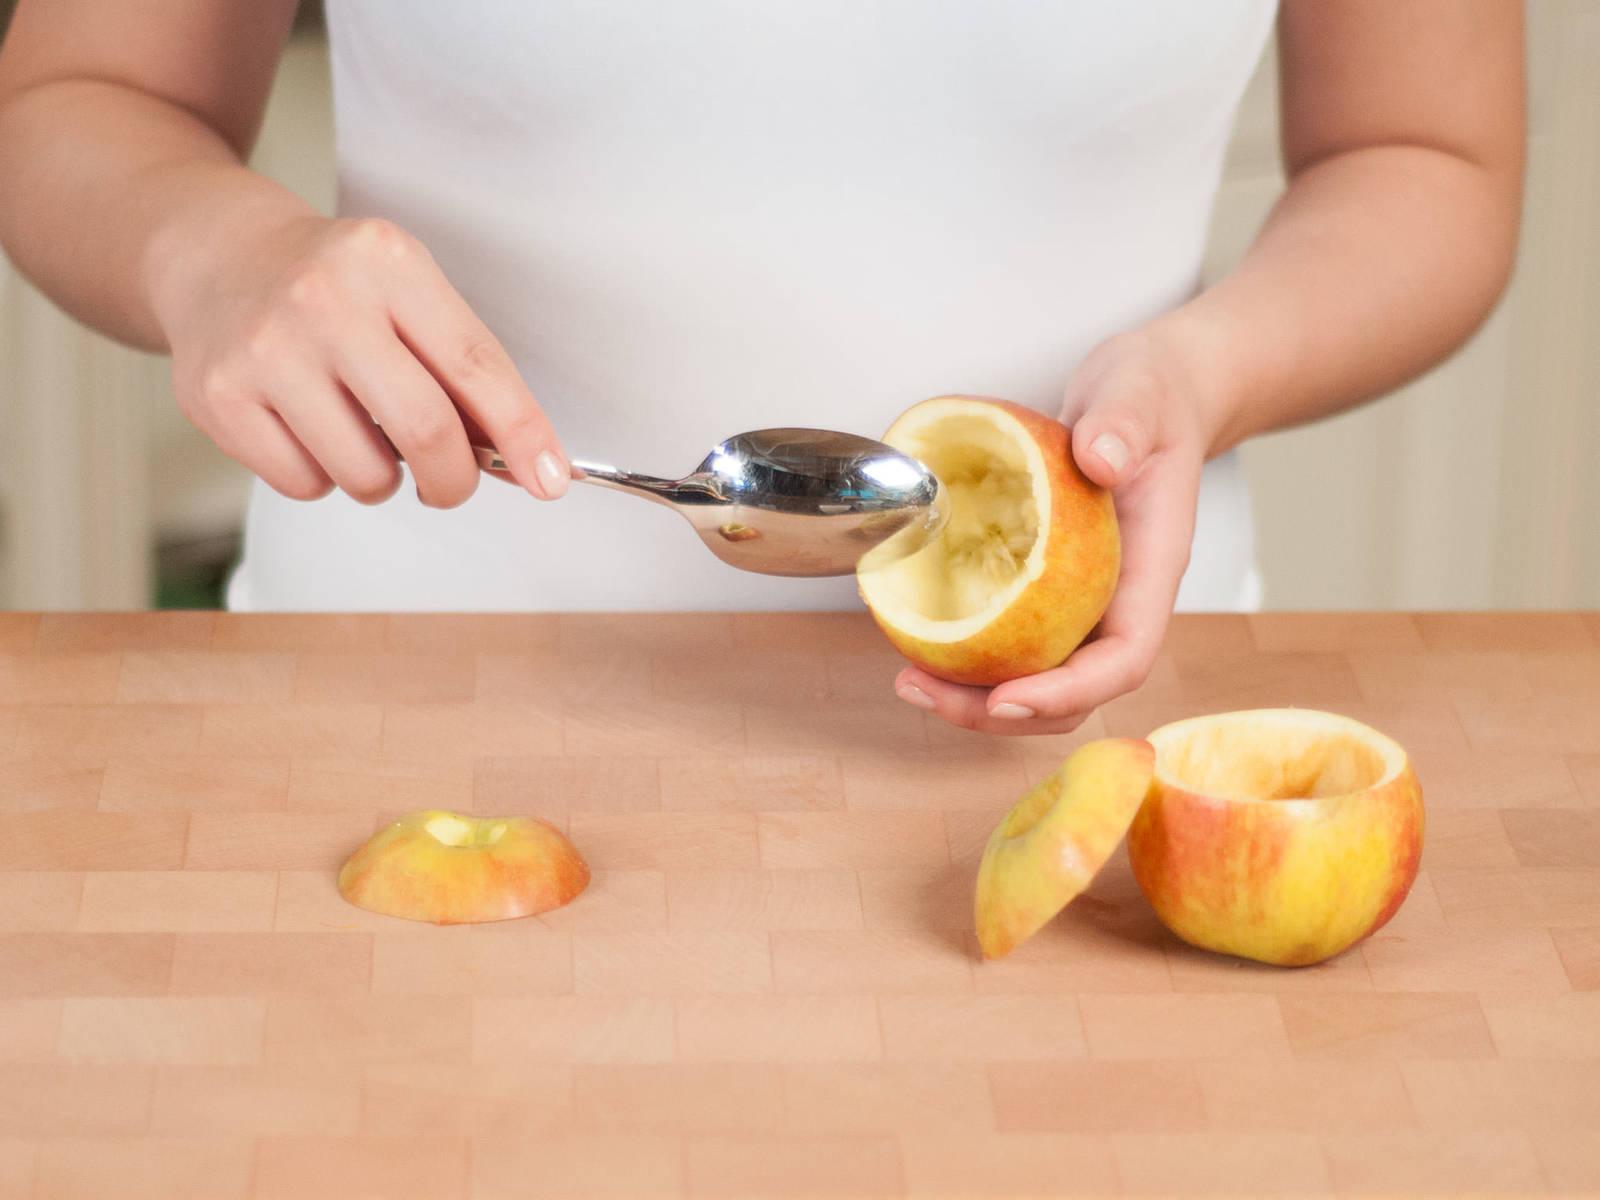 Backofen auf 180°C vorheizen. Oberen Teil der Äpfel abschneiden und als Deckel aufheben. Mit einem Löffel das Kerngehäuse aushöhlen. Äpfel mit den Deckeln in eine Auflaufform stellen und ca. 10 – 15 Min. backen. Aus dem Ofen nehmen und beiseitestellen.